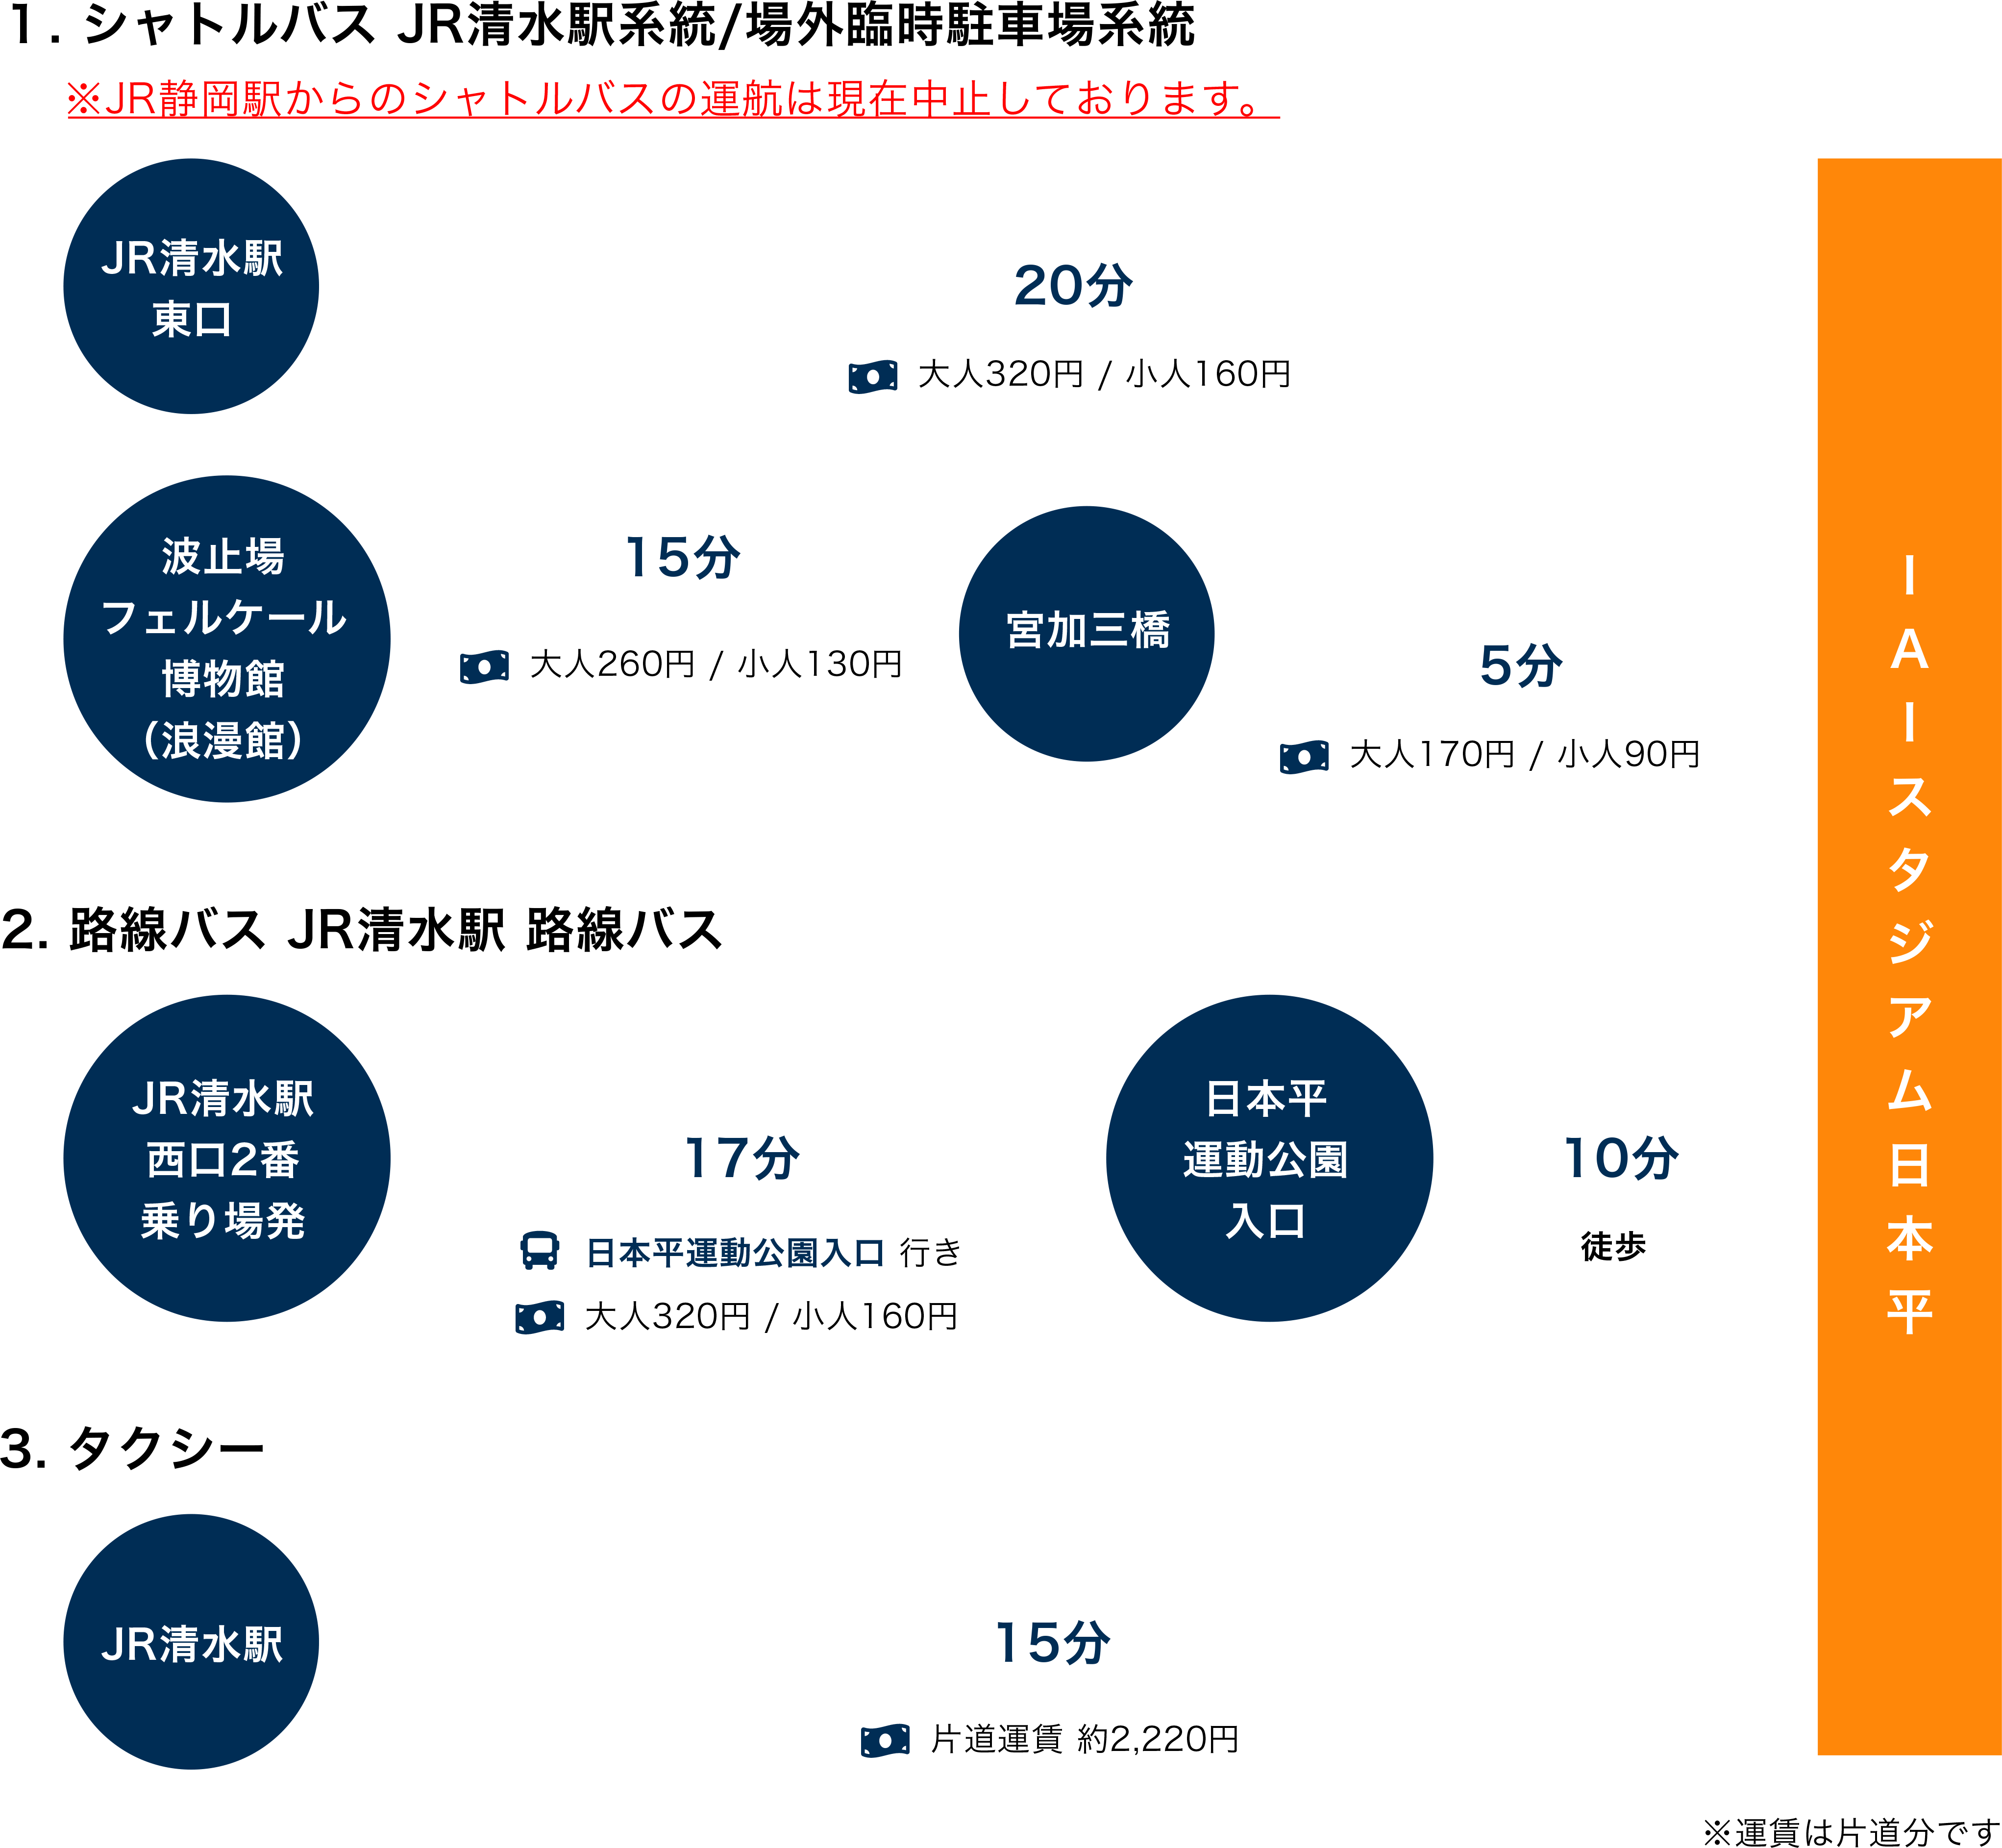 図:アクセス